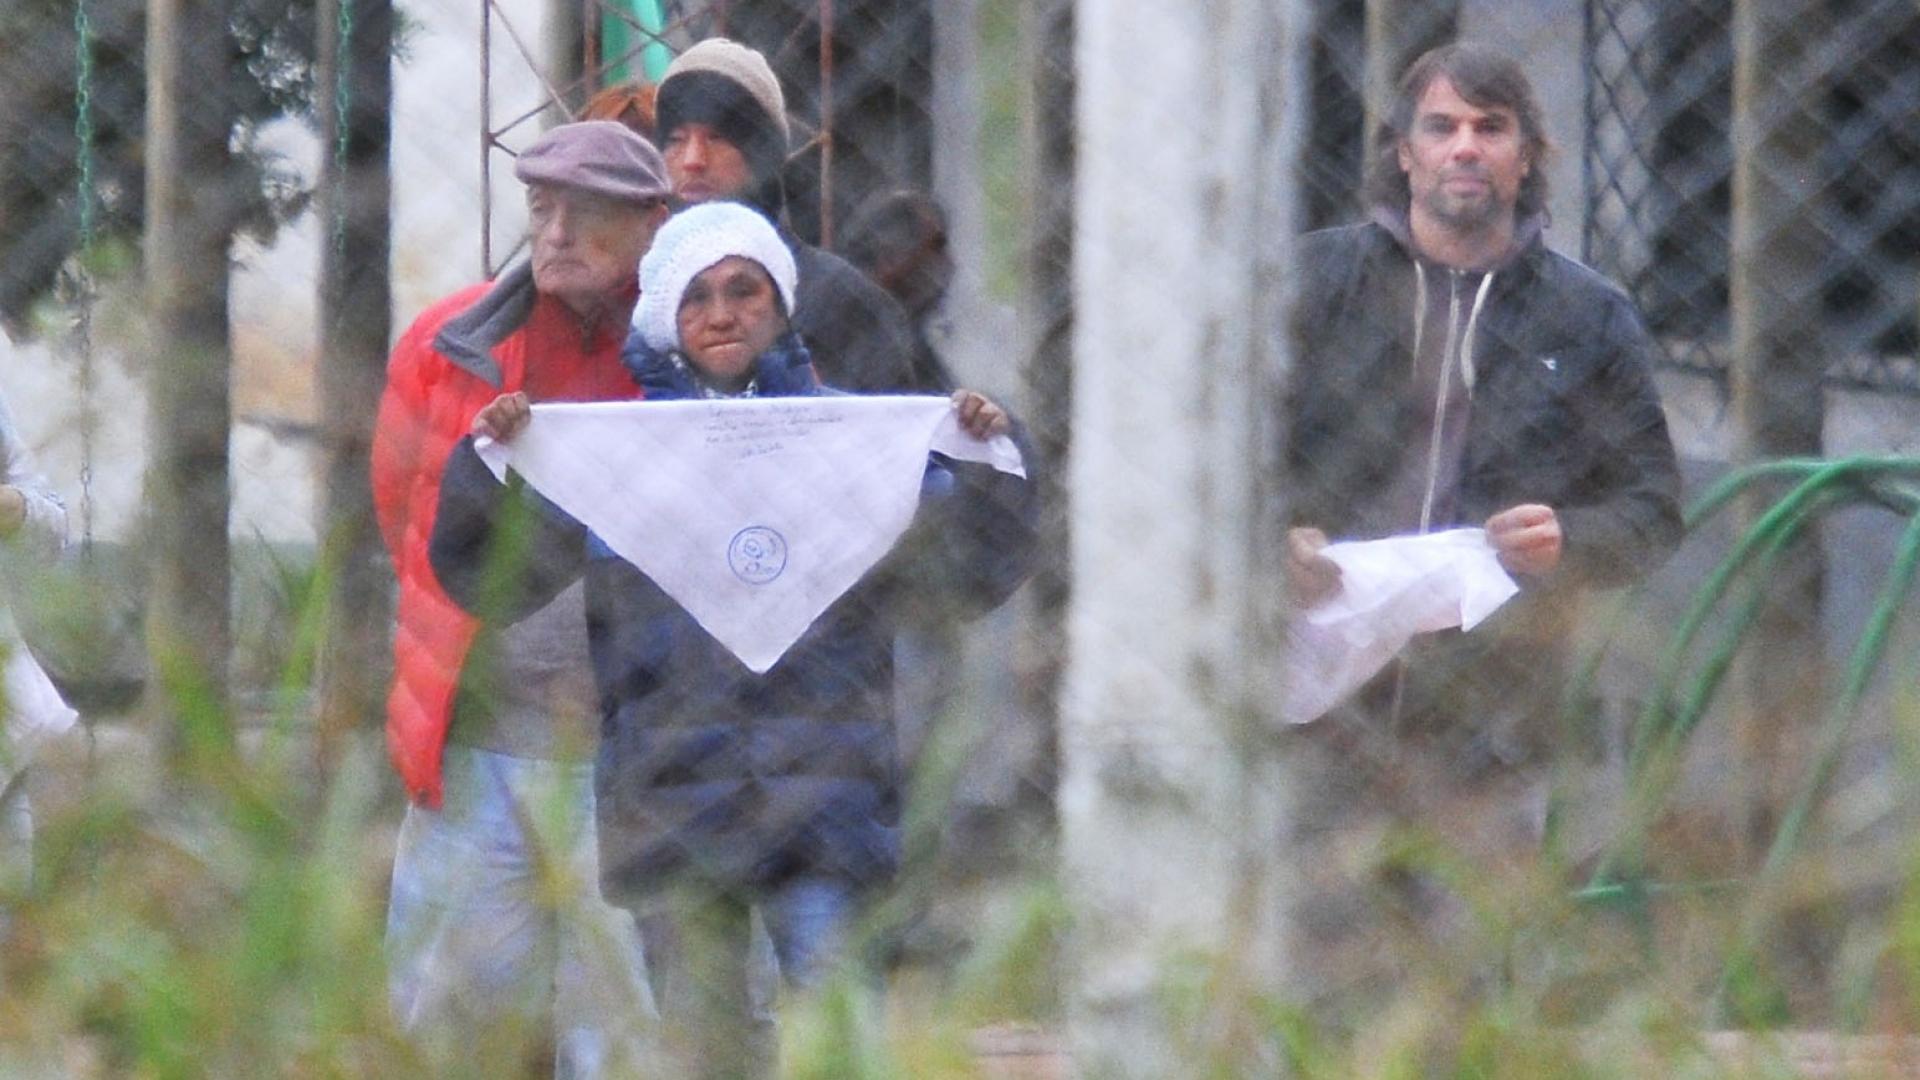 Abuelas En Pelotas ate capital - milagro sala alzó el pañuelo desde jujuy y